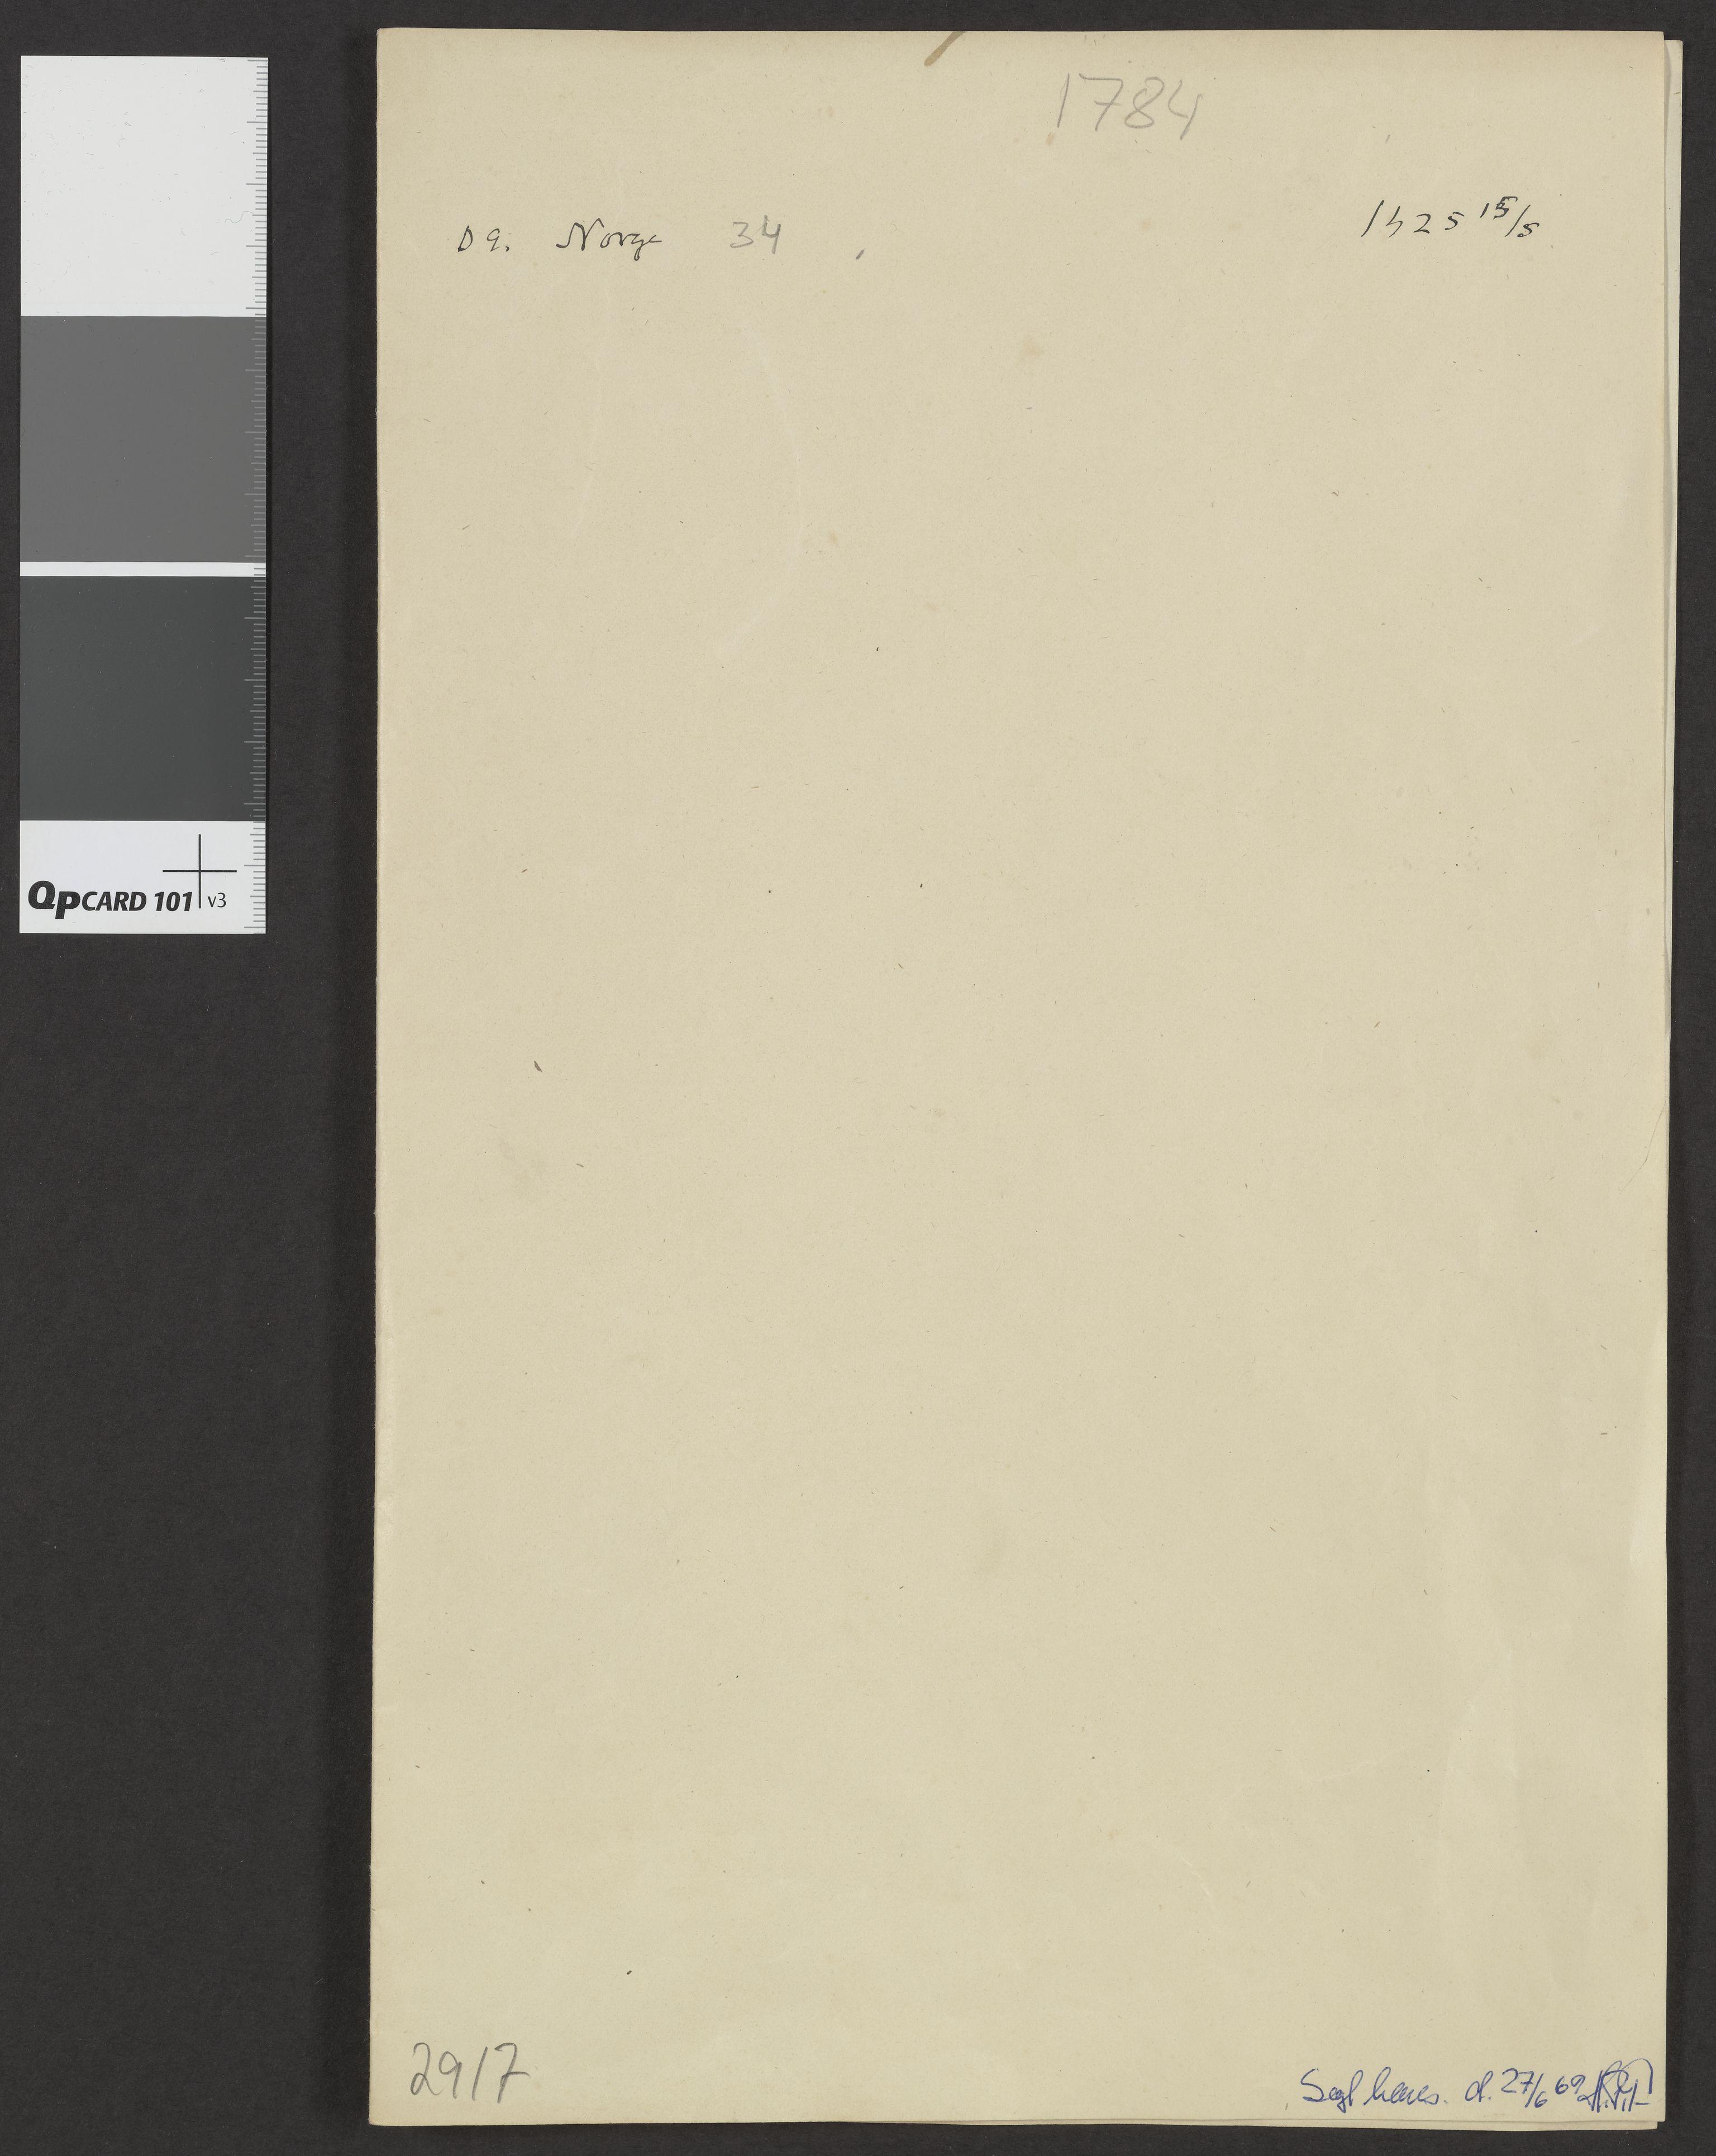 RA, Riksarkivets diplomsamling, F06/L0024: Dokument nr. 34, 39